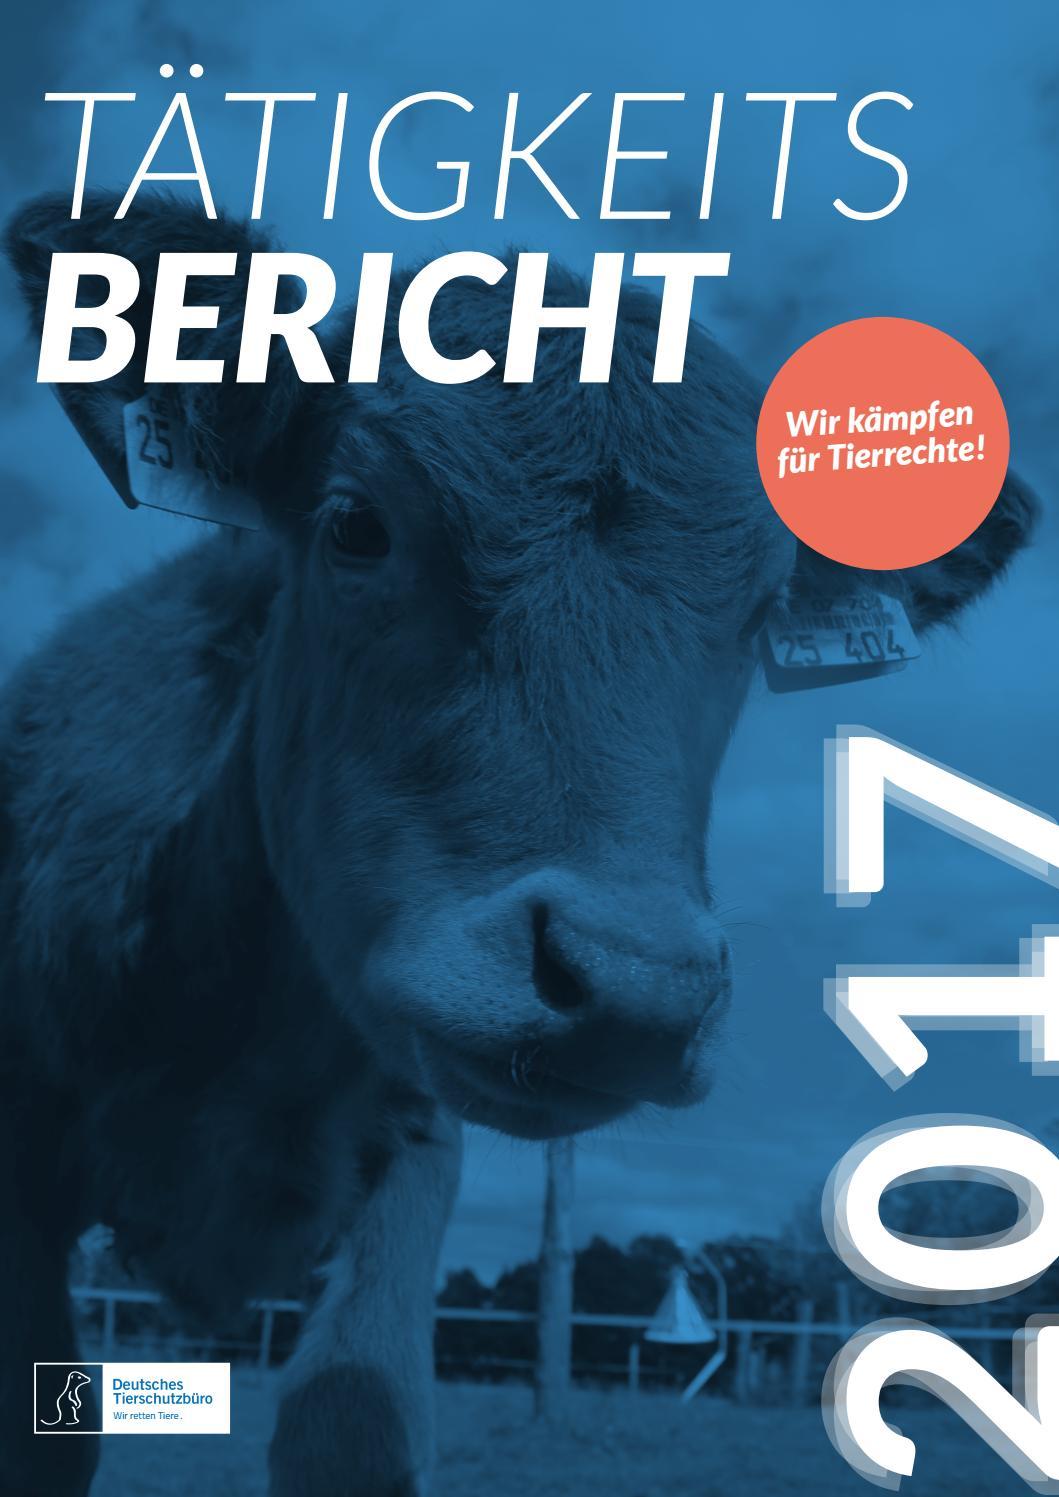 Deutsches Tierschutzbüro e.V. by Deutsches Tierschutzbüro - issuu